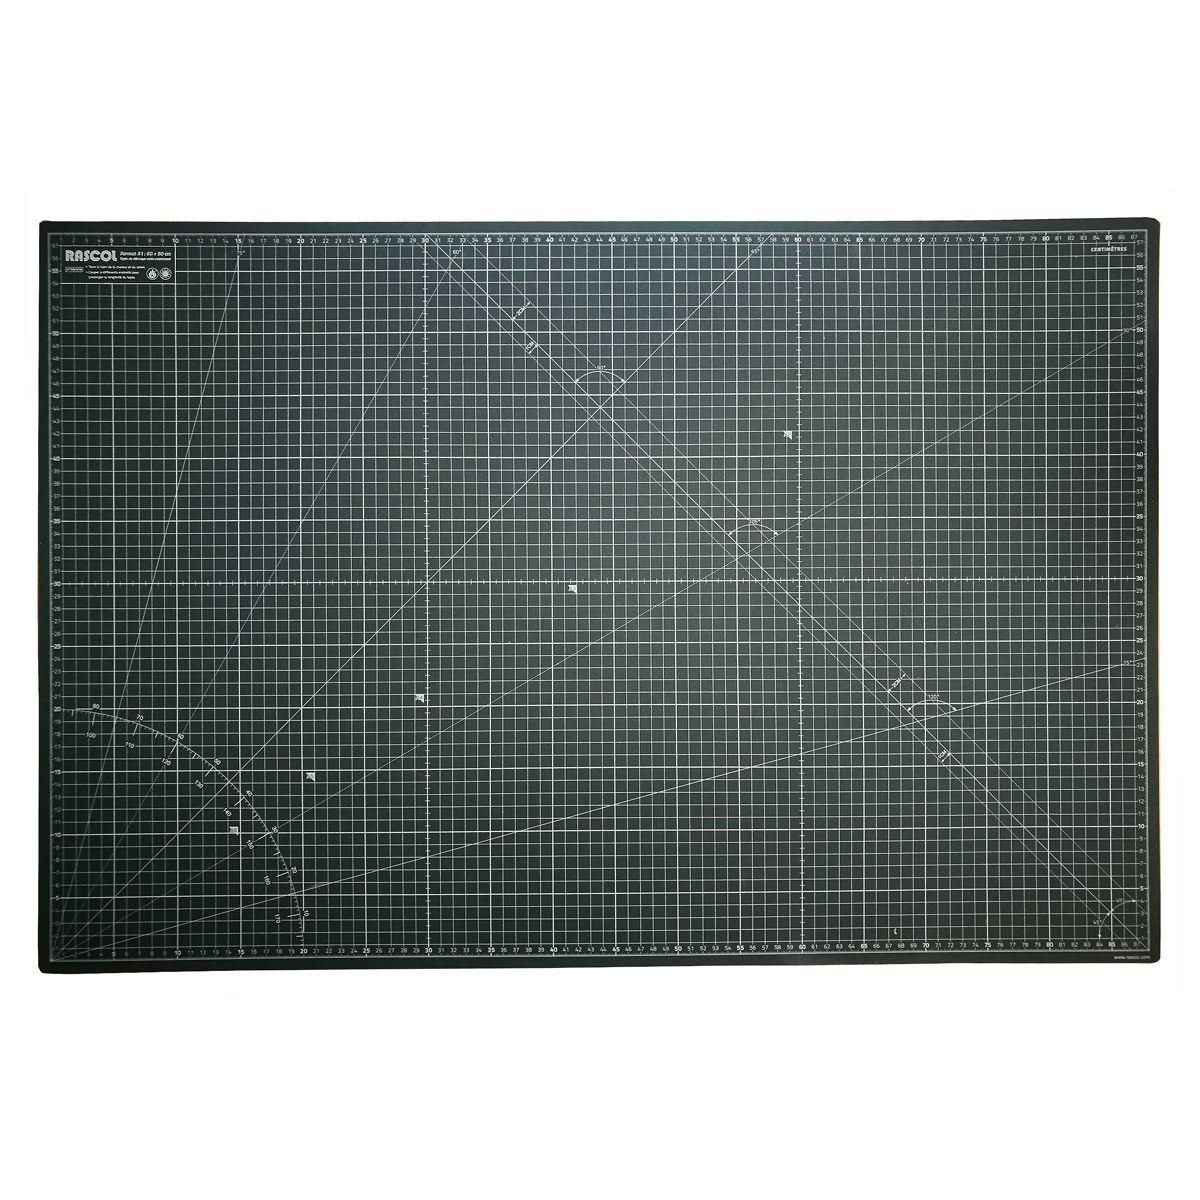 Tapis de découpe auto-cicatrisant Rascol 60 x 90 cm